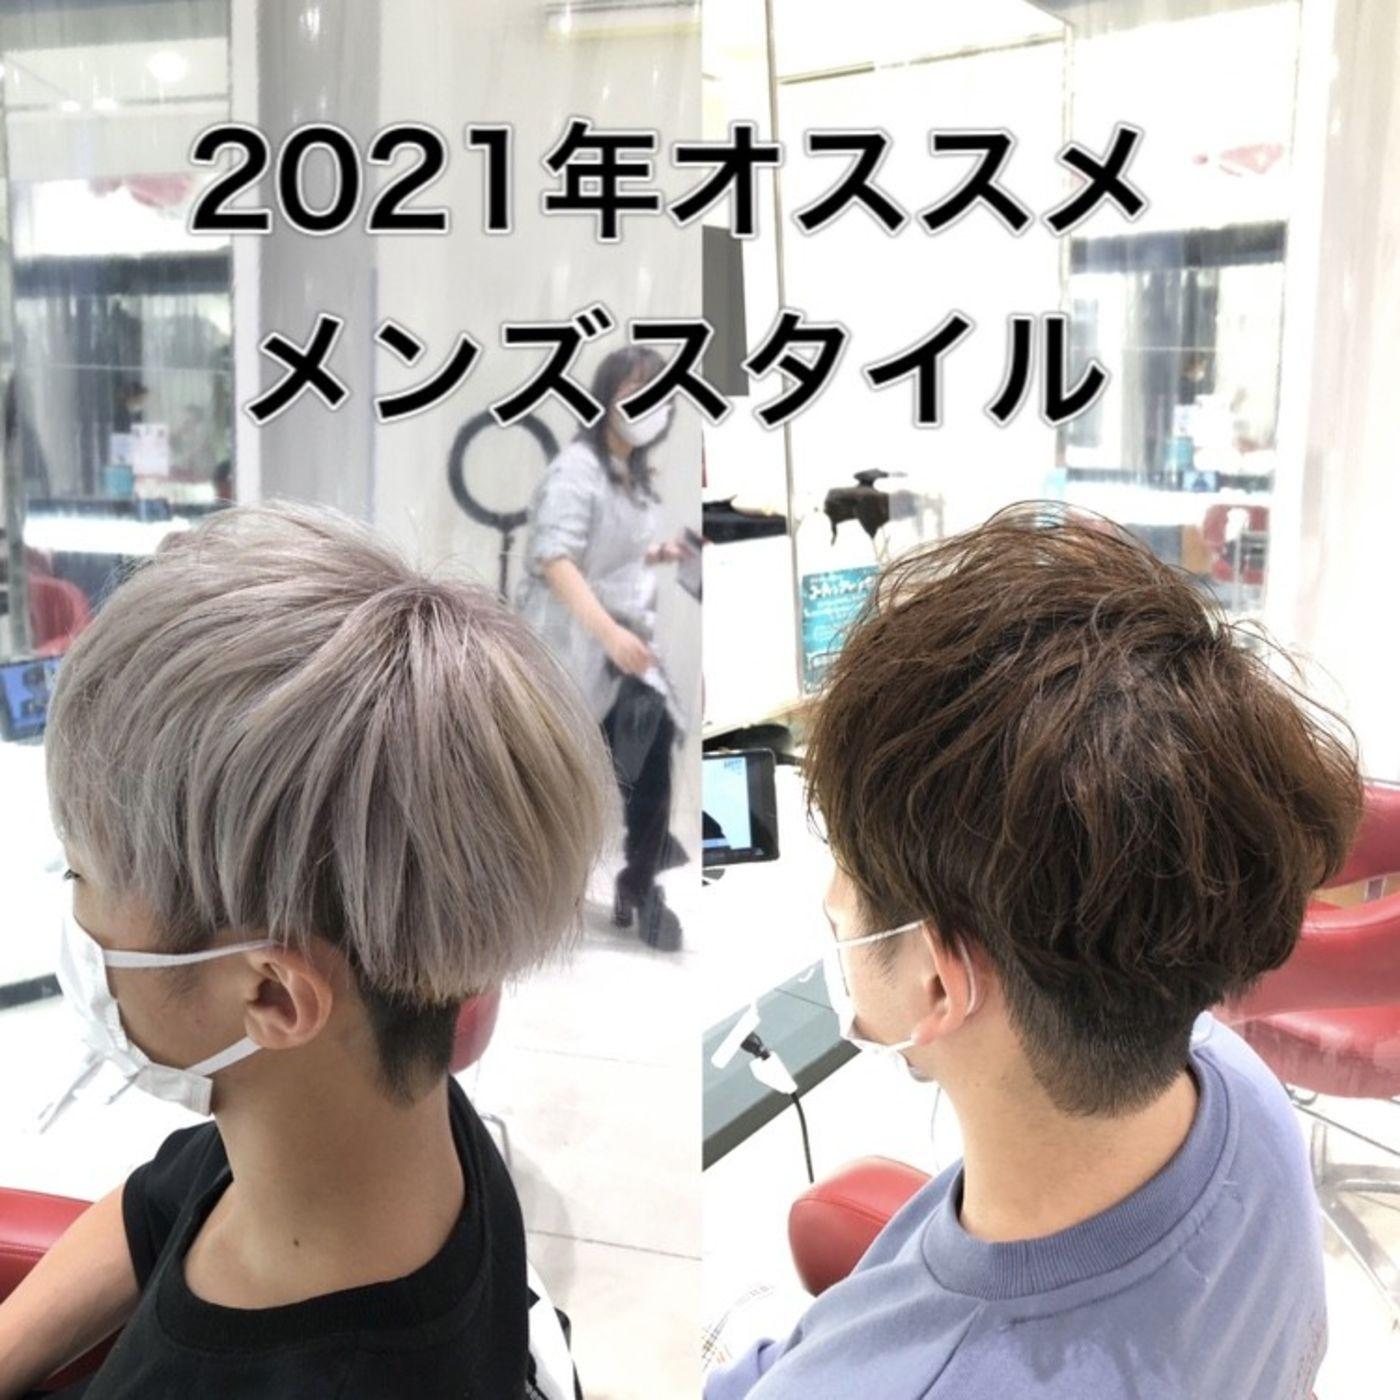 2021年オススメのメンズスタイル